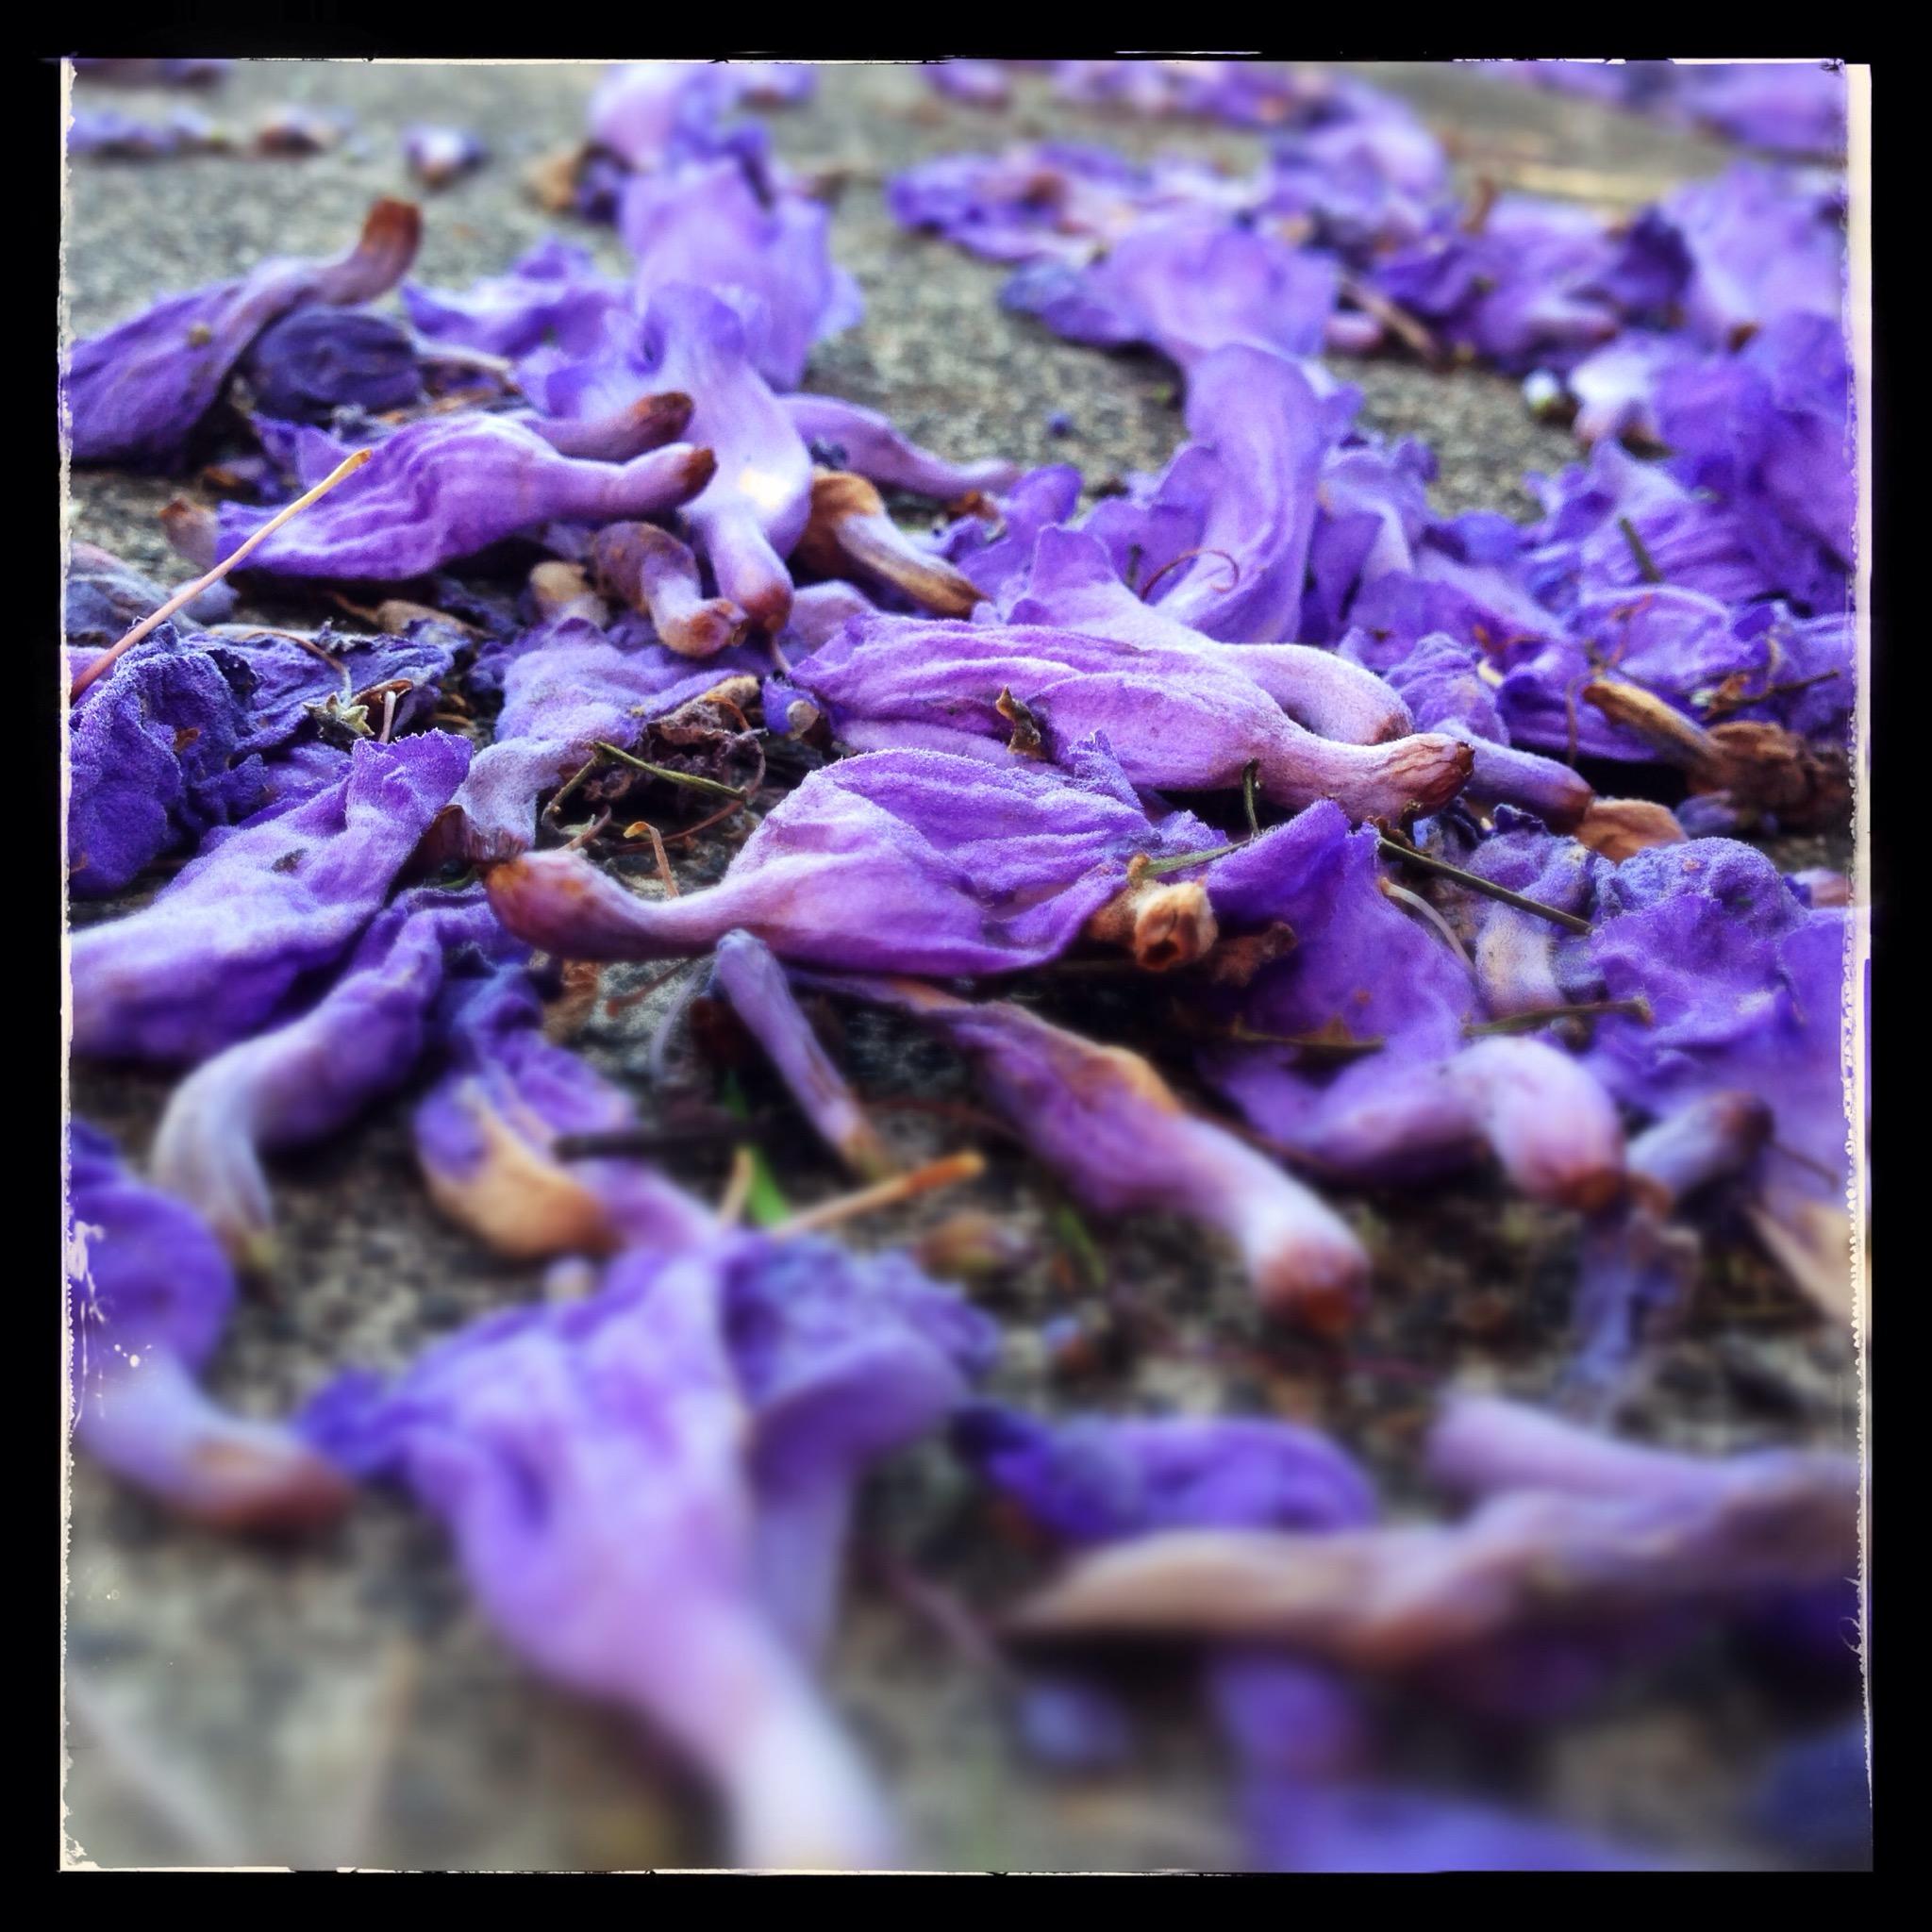 Day 1348. Fallen Flowers